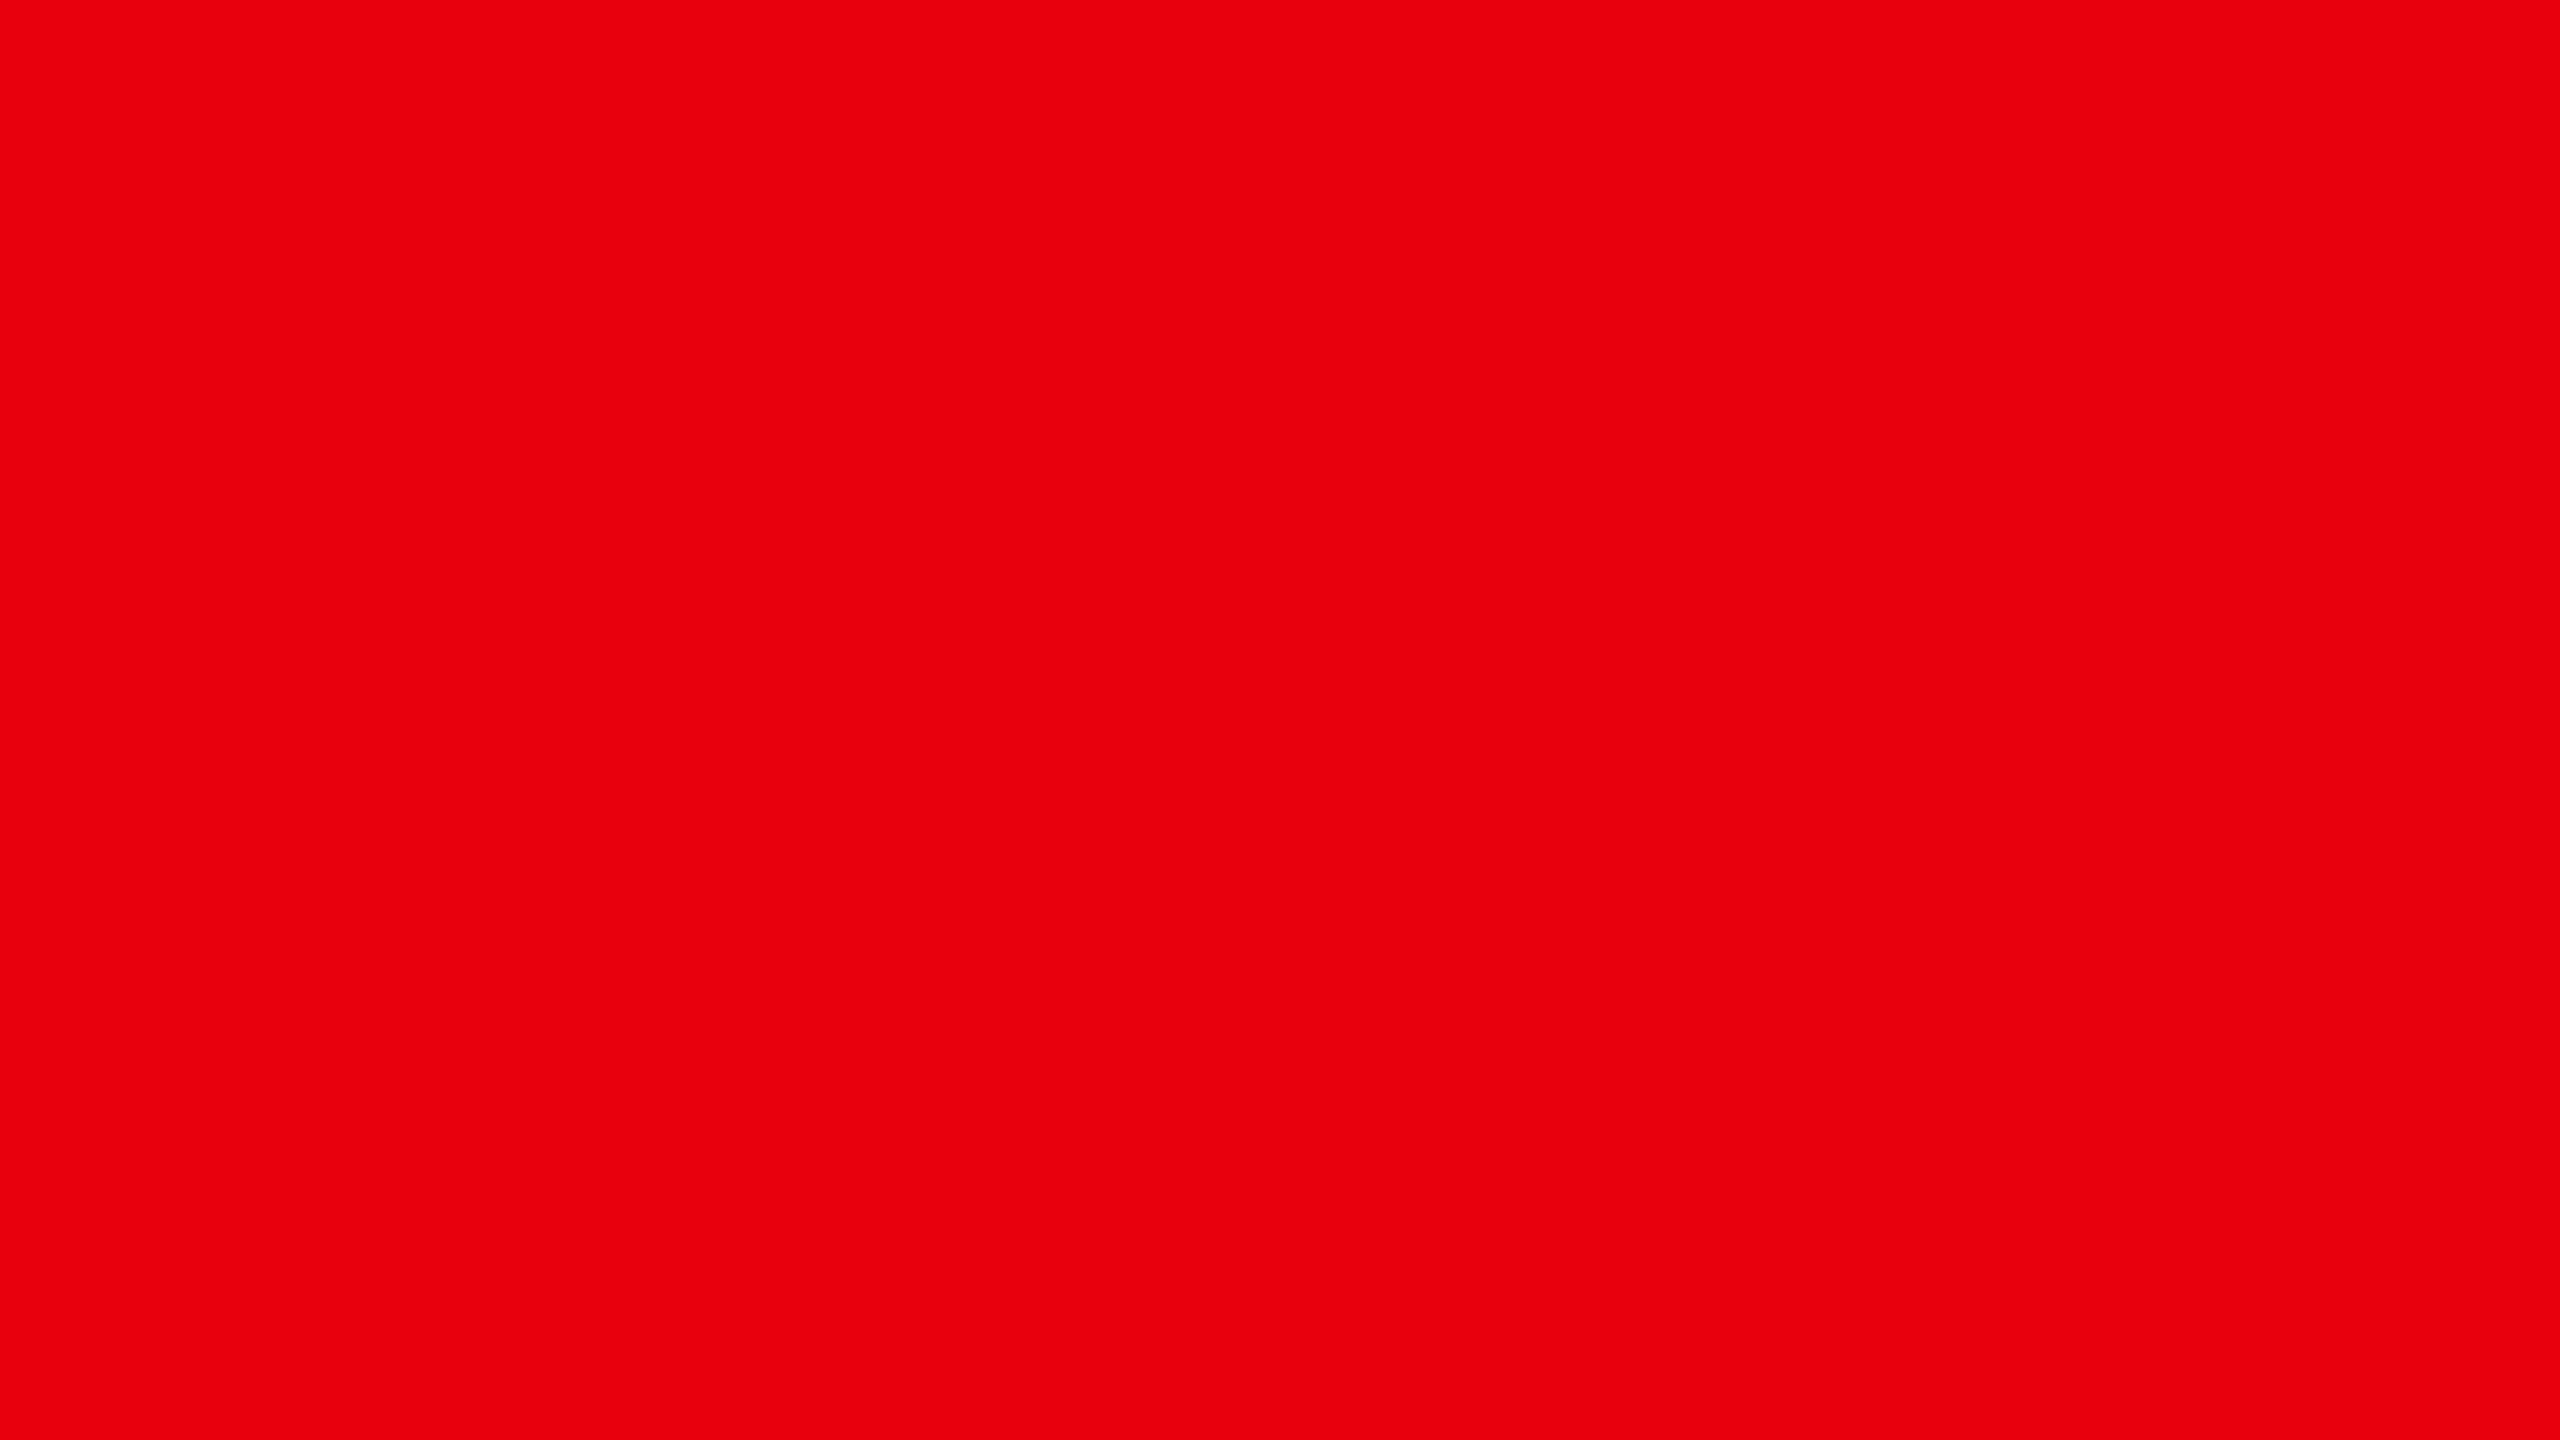 2560x1440 KU Crimson Solid Color Background